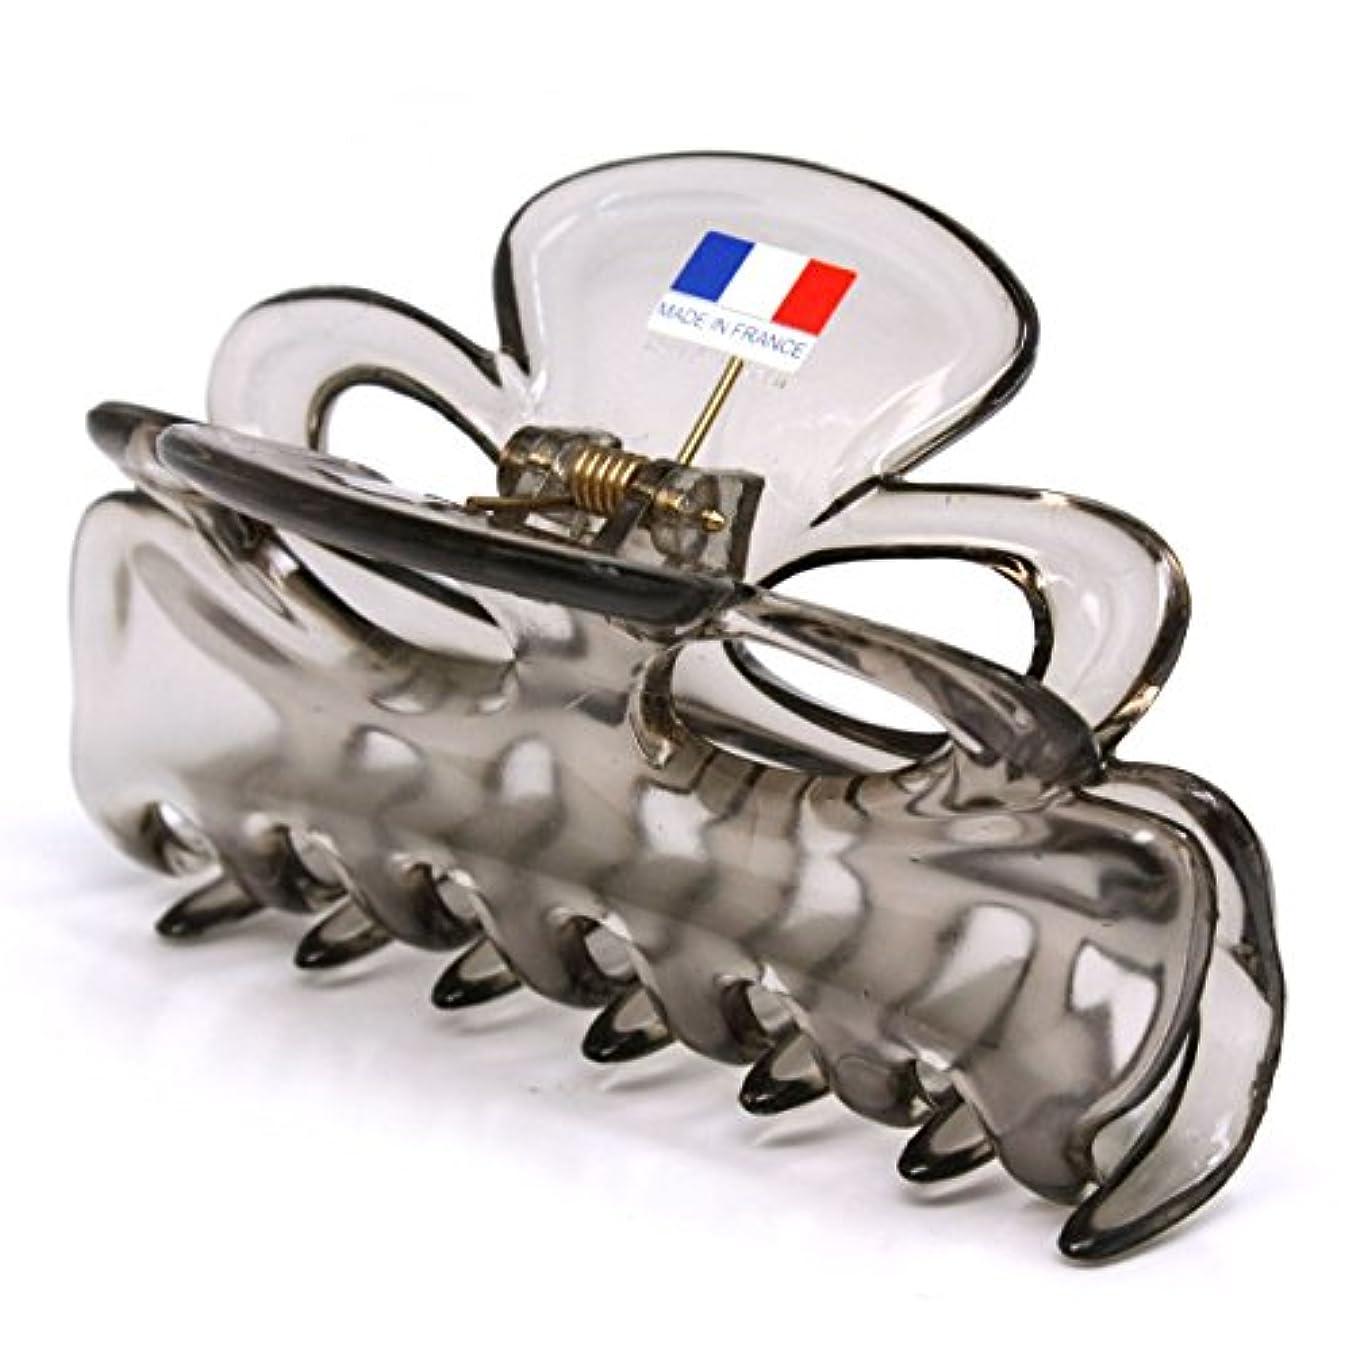 競合他社選手権限を与えるまっすぐにするフランスクリップ グレー